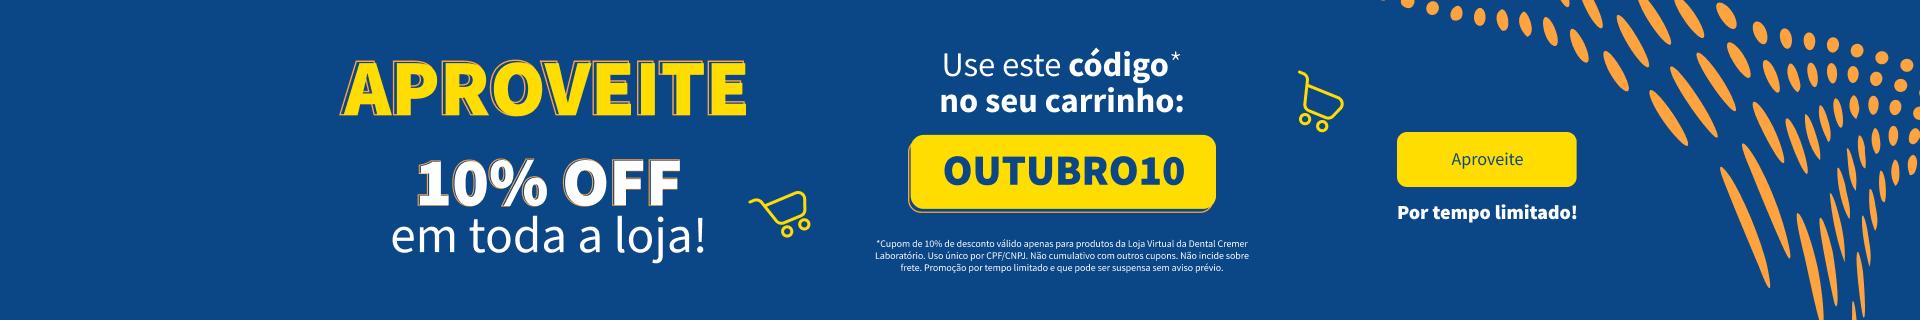 Use OUTUBRO10 no seu carrinho!